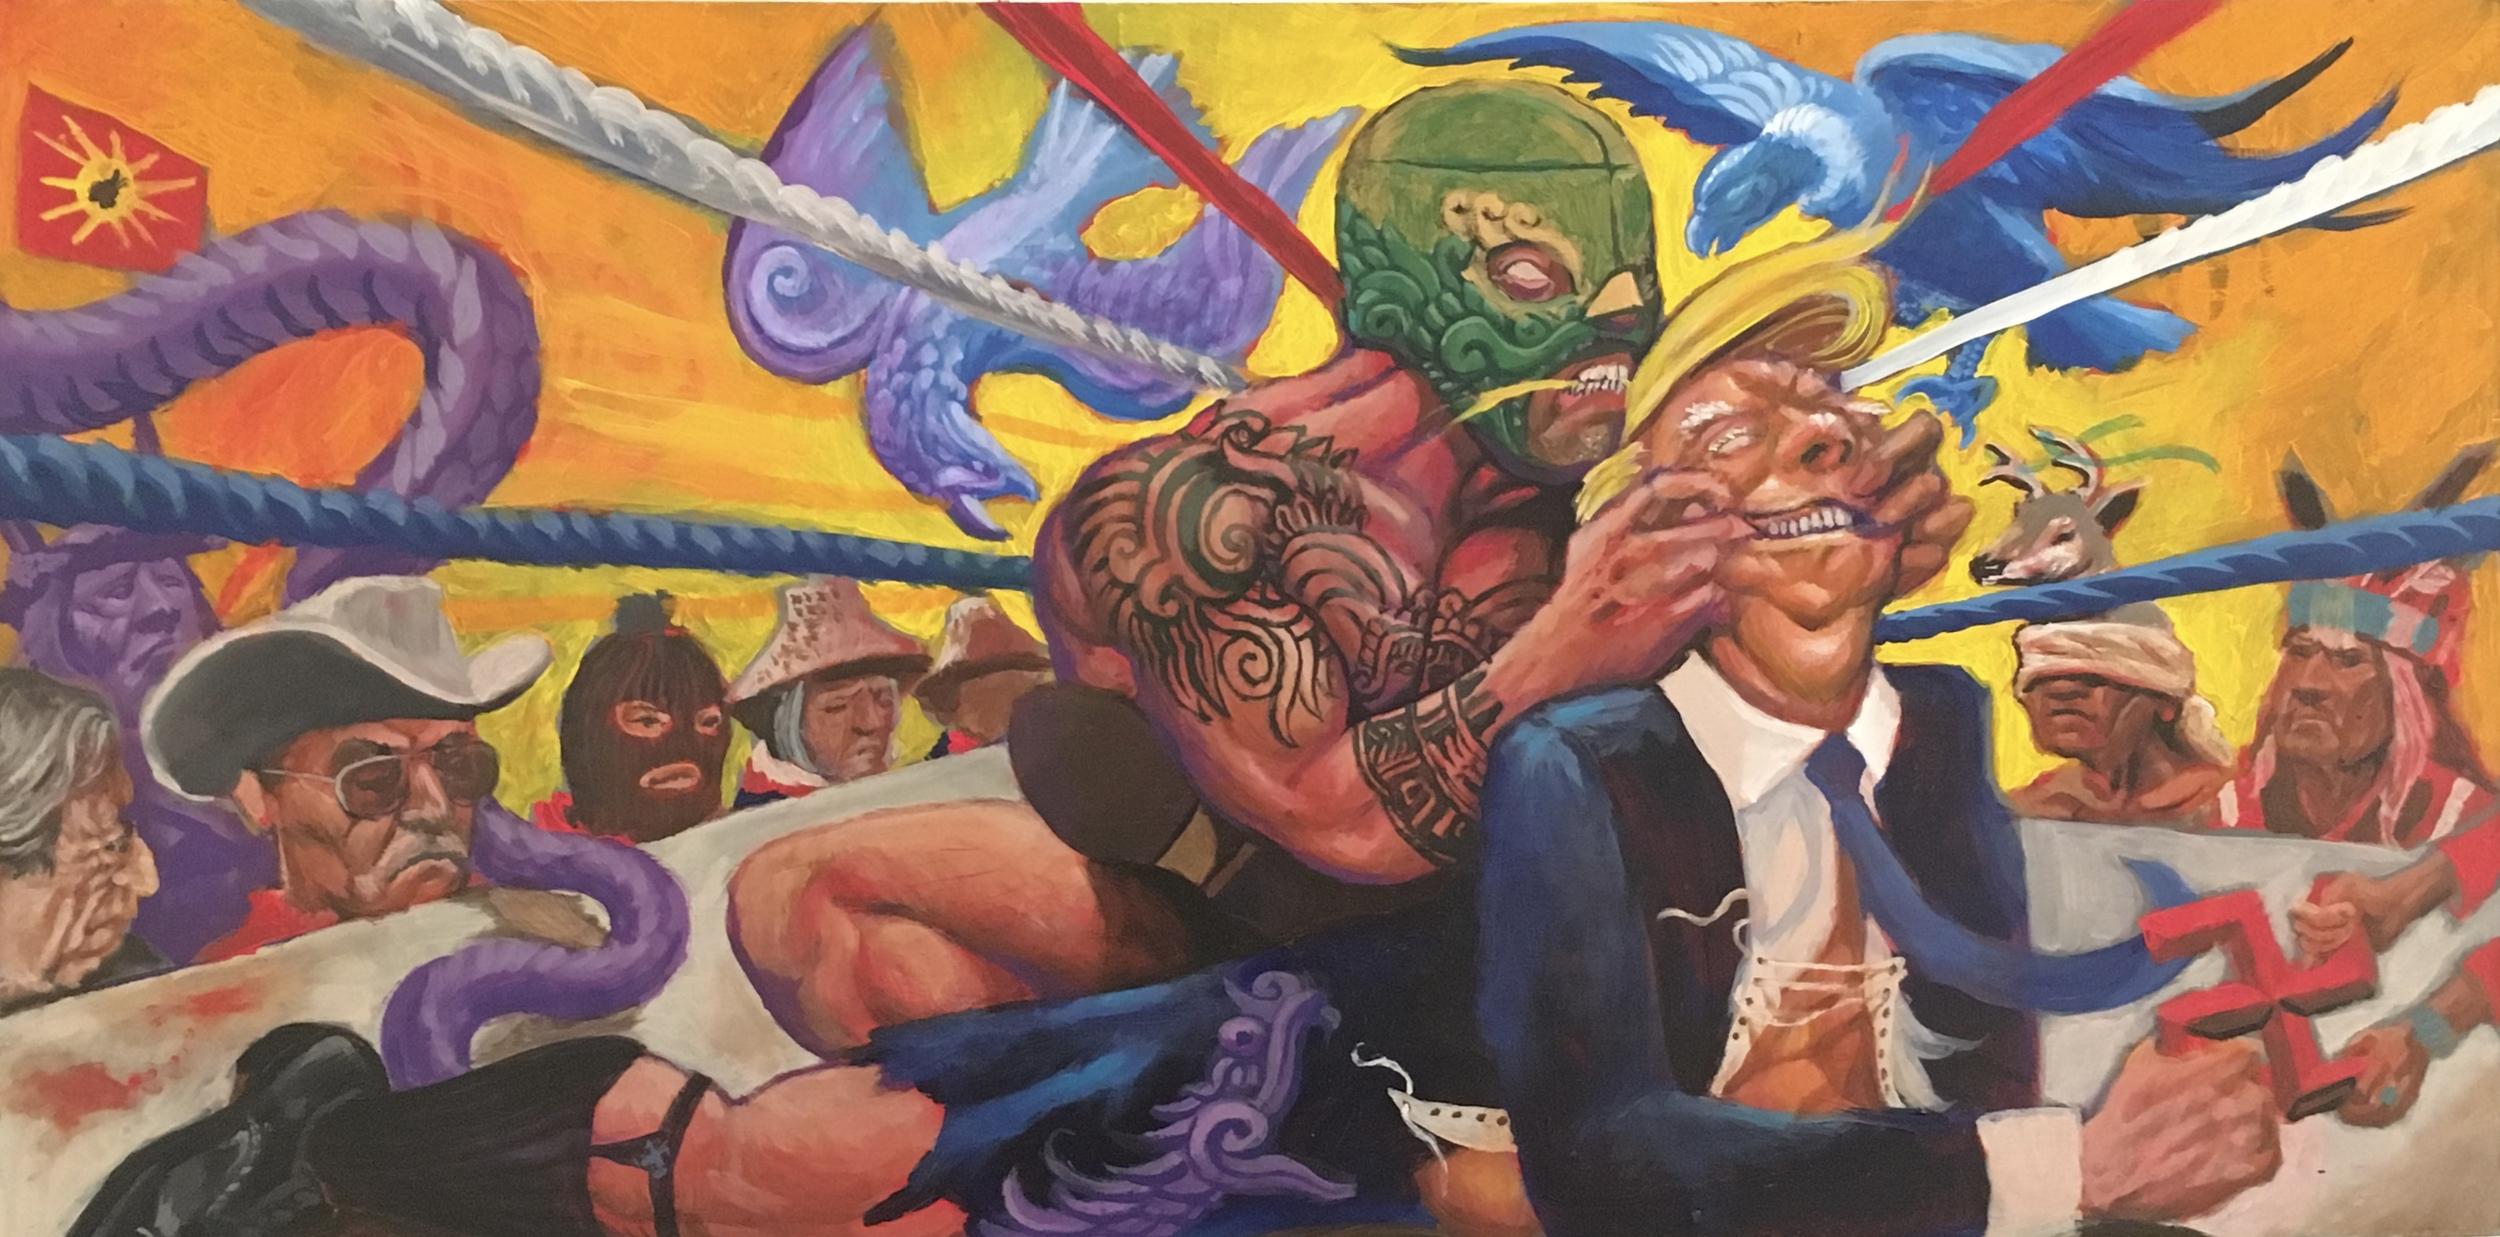 Trump Train by Antonio Mejia